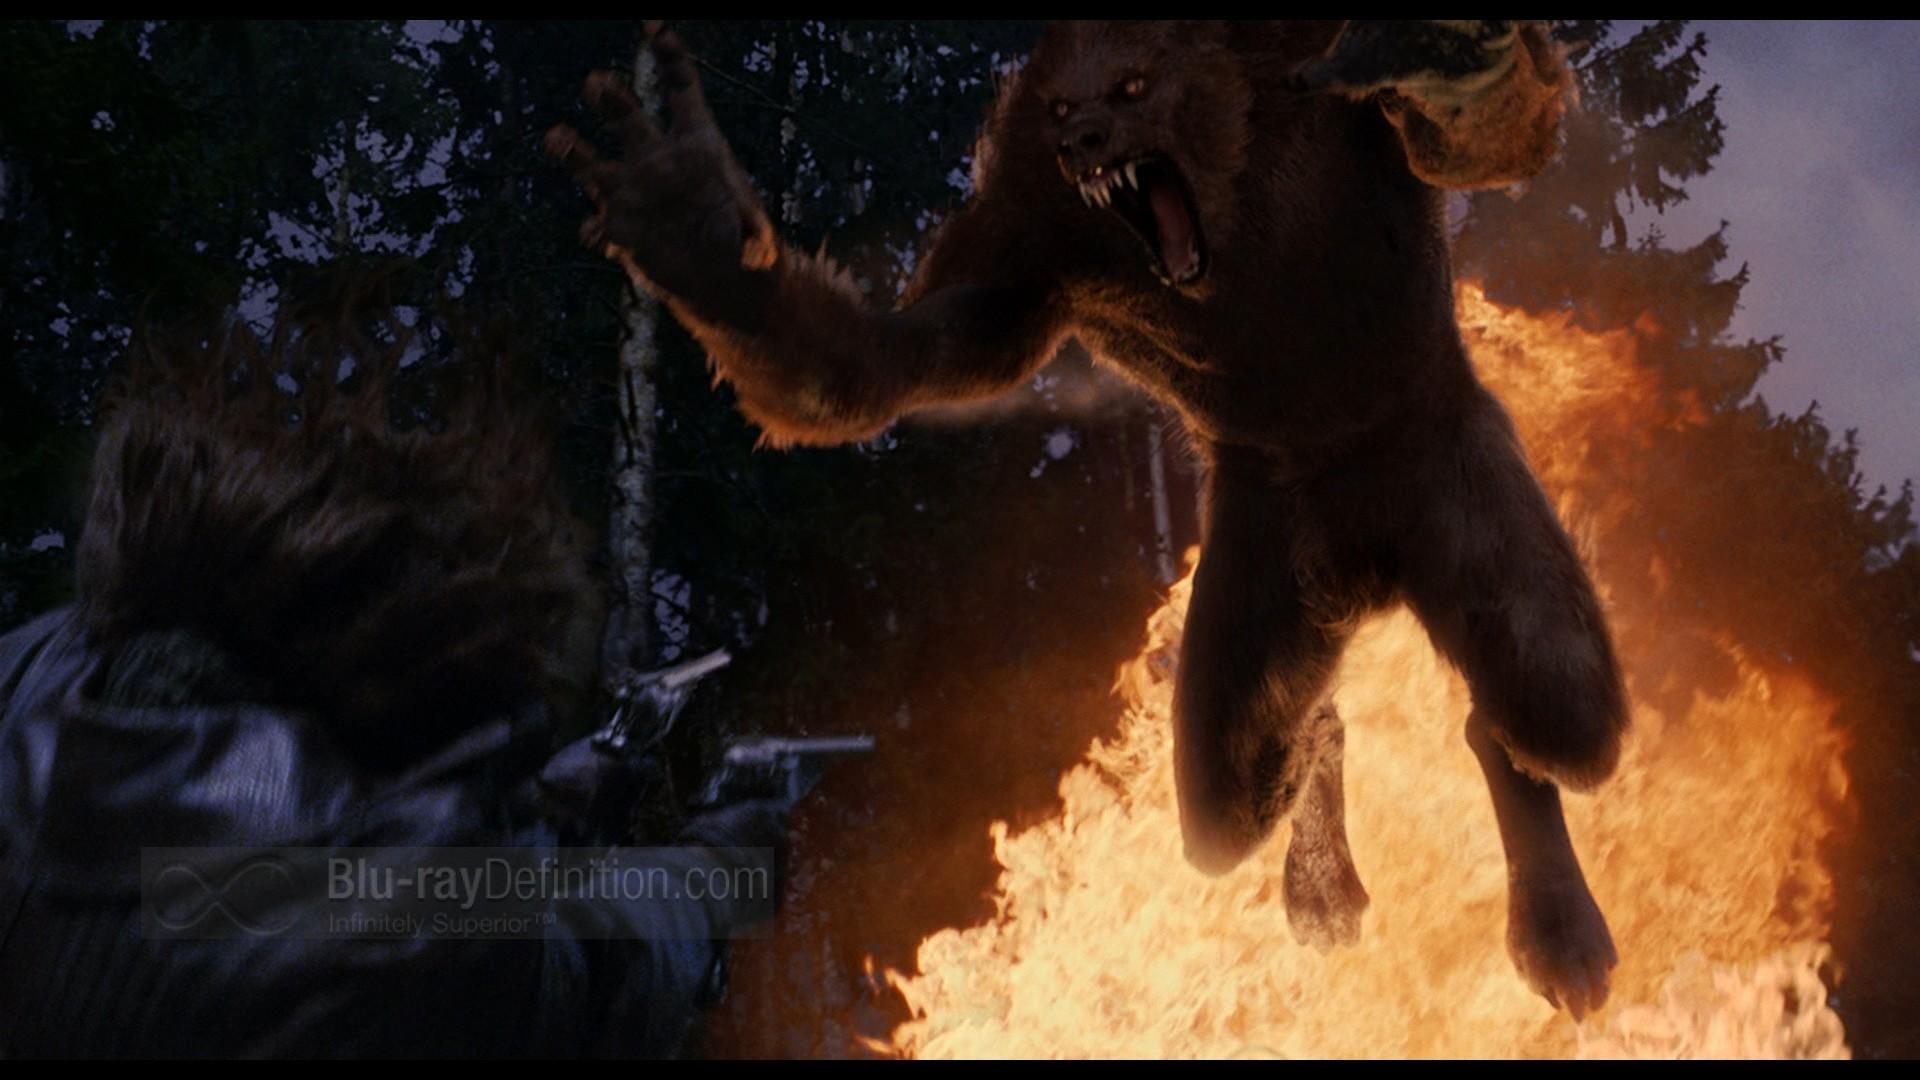 Van Helsing Werewolf Wallpapers